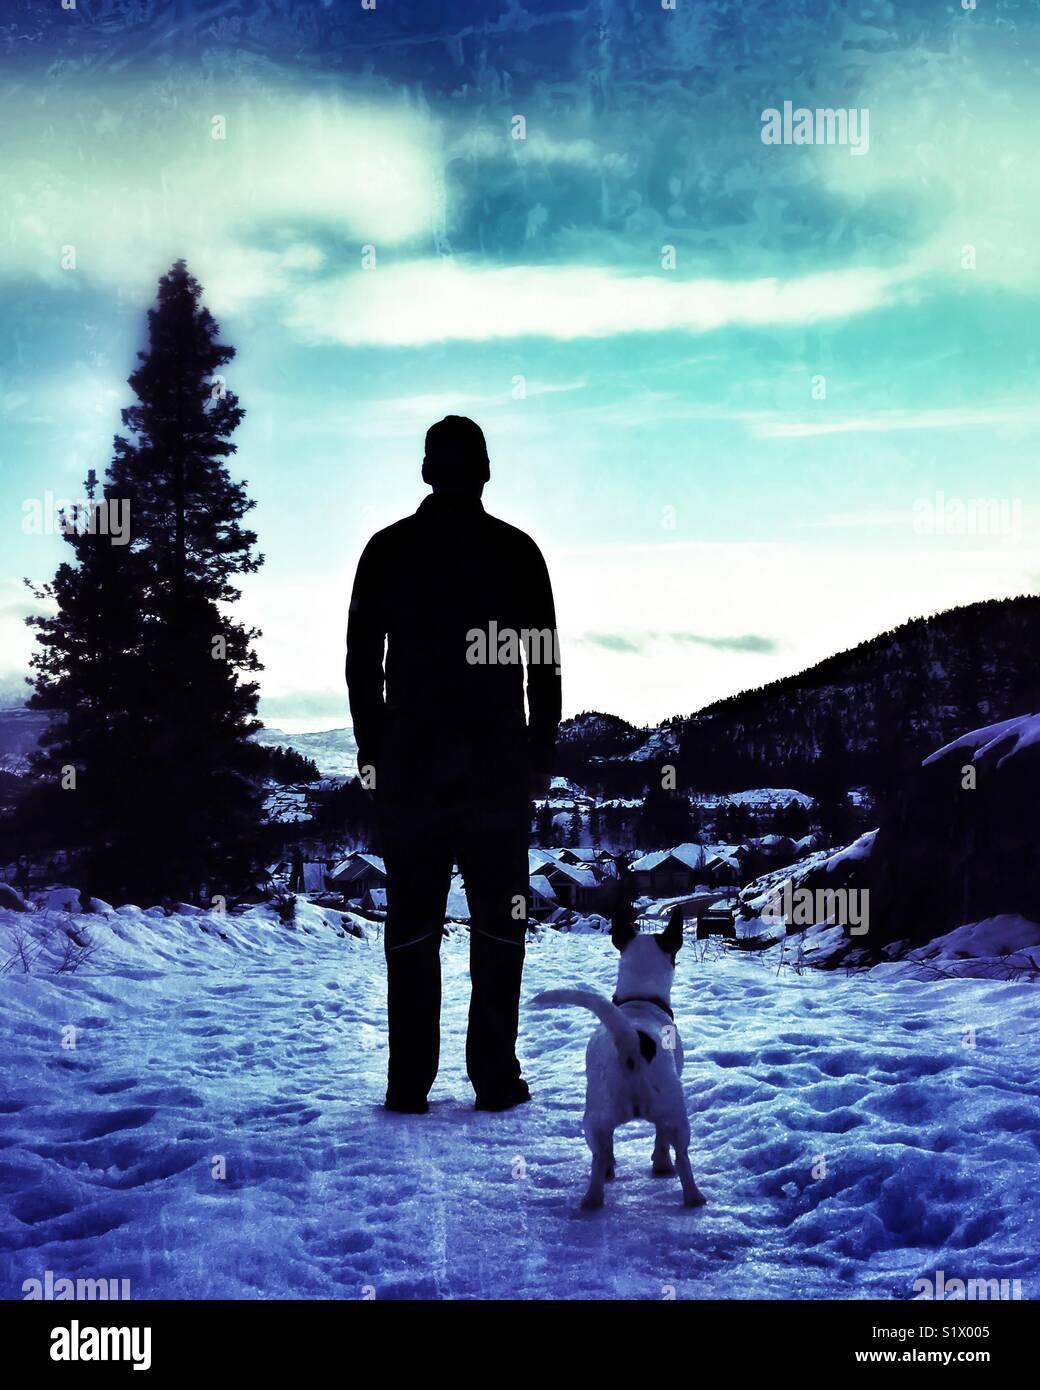 Silhouette d'un homme debout dans la neige avec son chien. Photo Stock